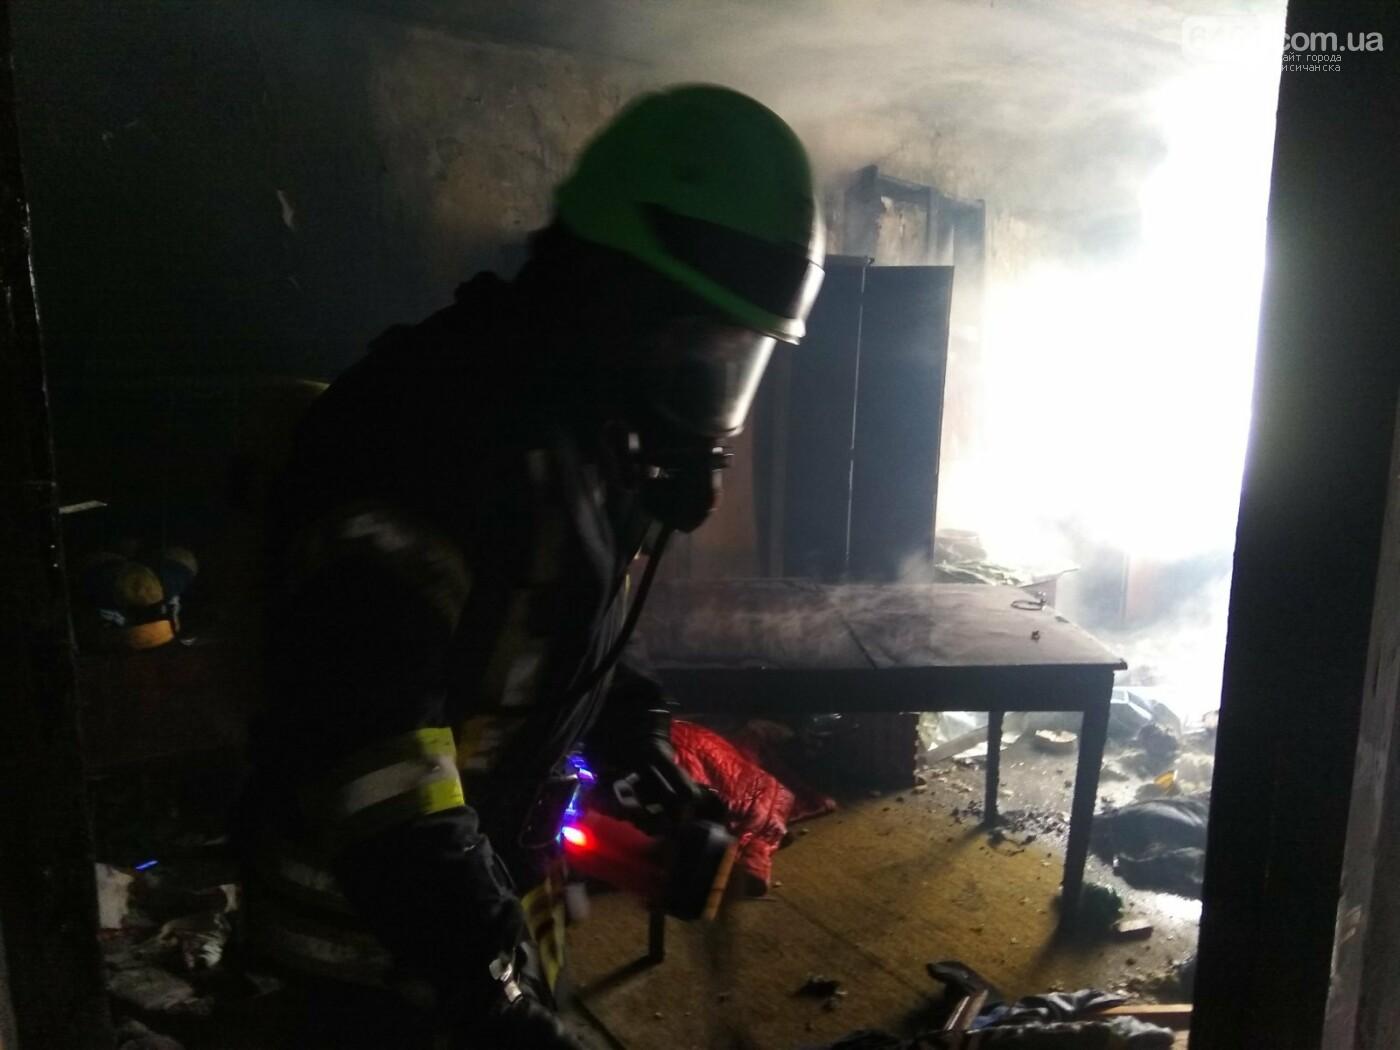 В Рубежном вследствие пожара пострадал человек, фото-1